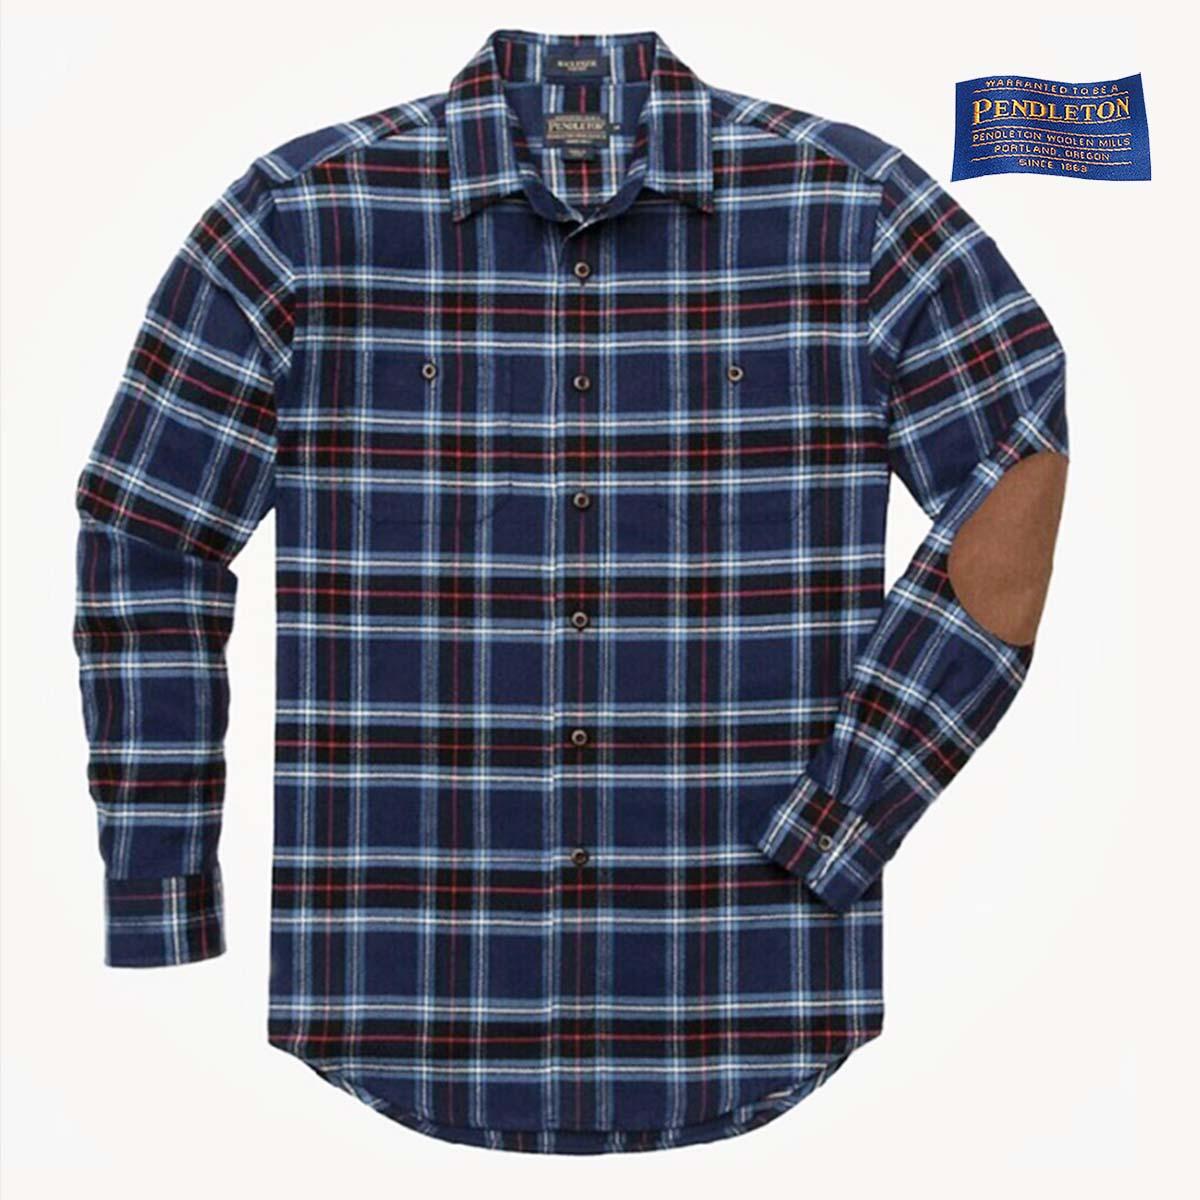 画像1: ペンドルトン エルボーパッチ ホーソーン フランネル シャツS(Mackenzie Blue)/Pendleton Hawthorne Flannel Shirt